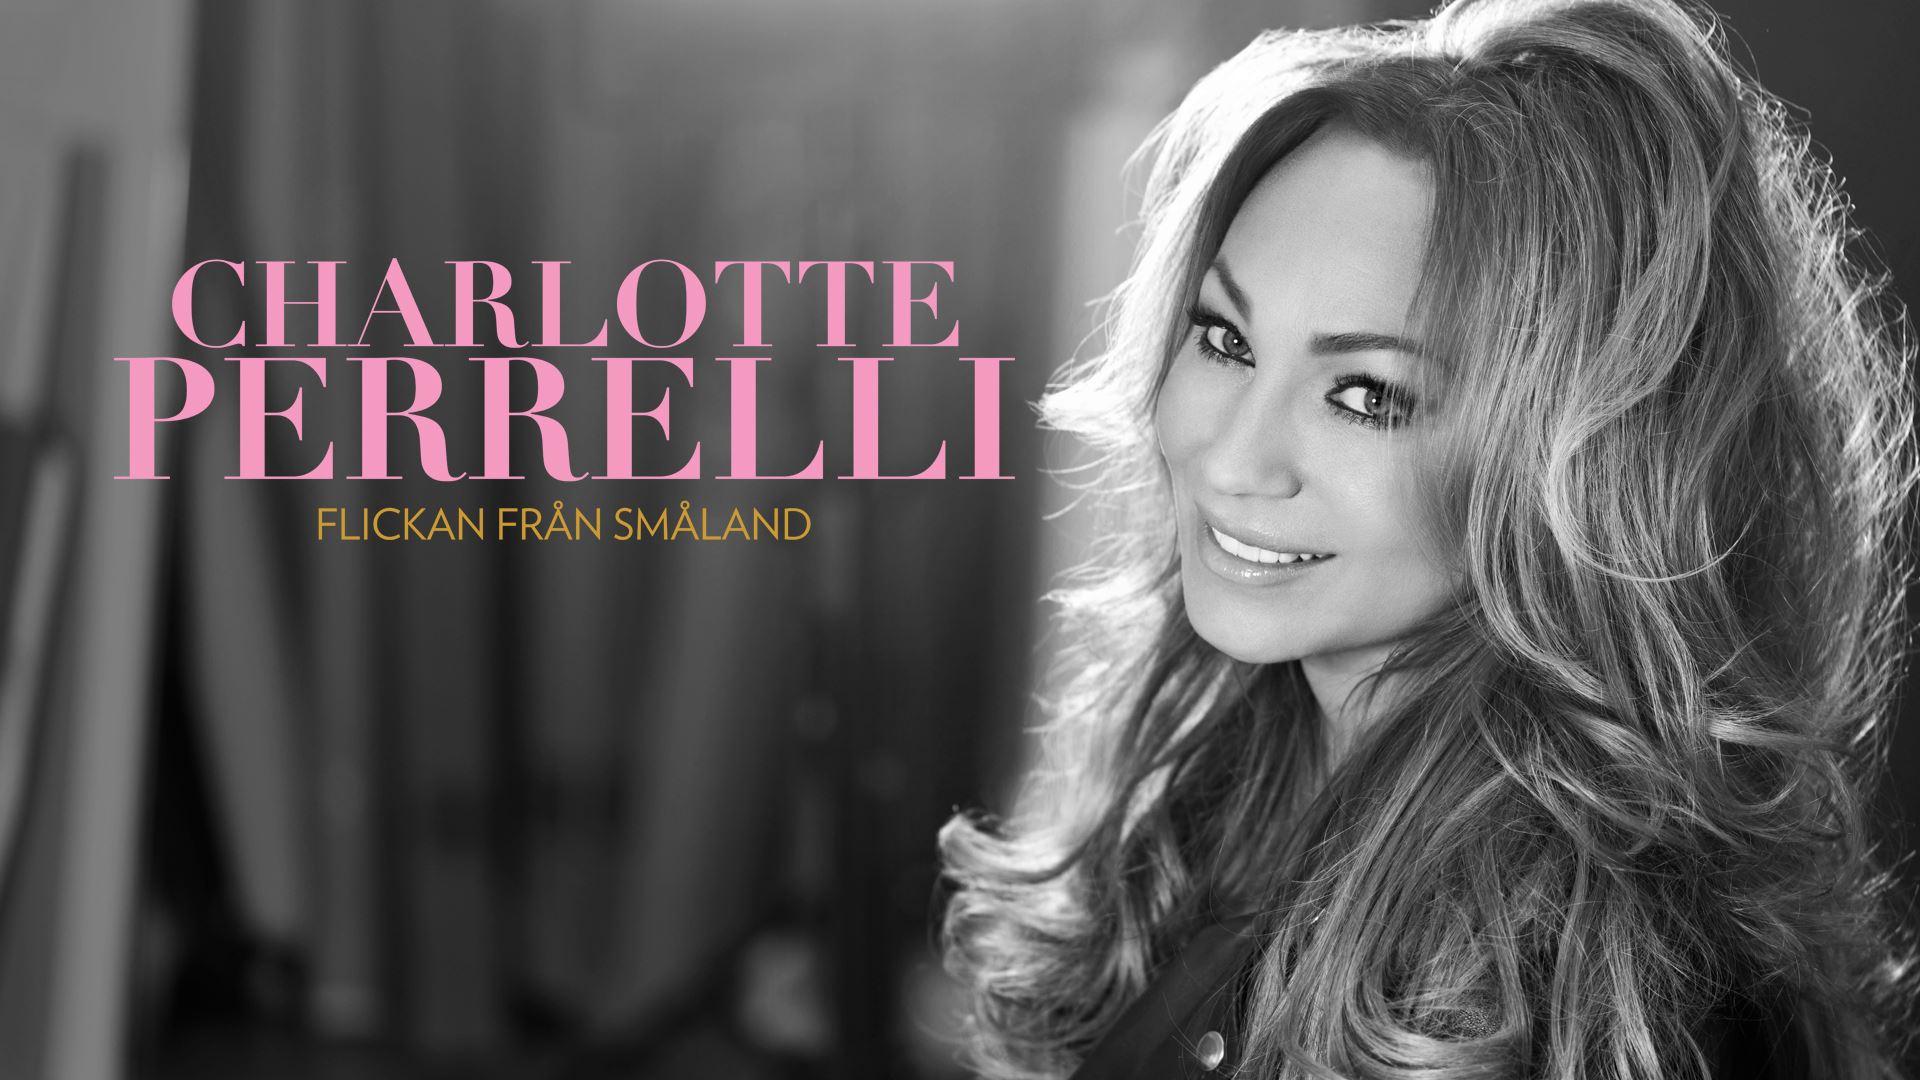 Charlotte Perrelli - Flickan från Småland